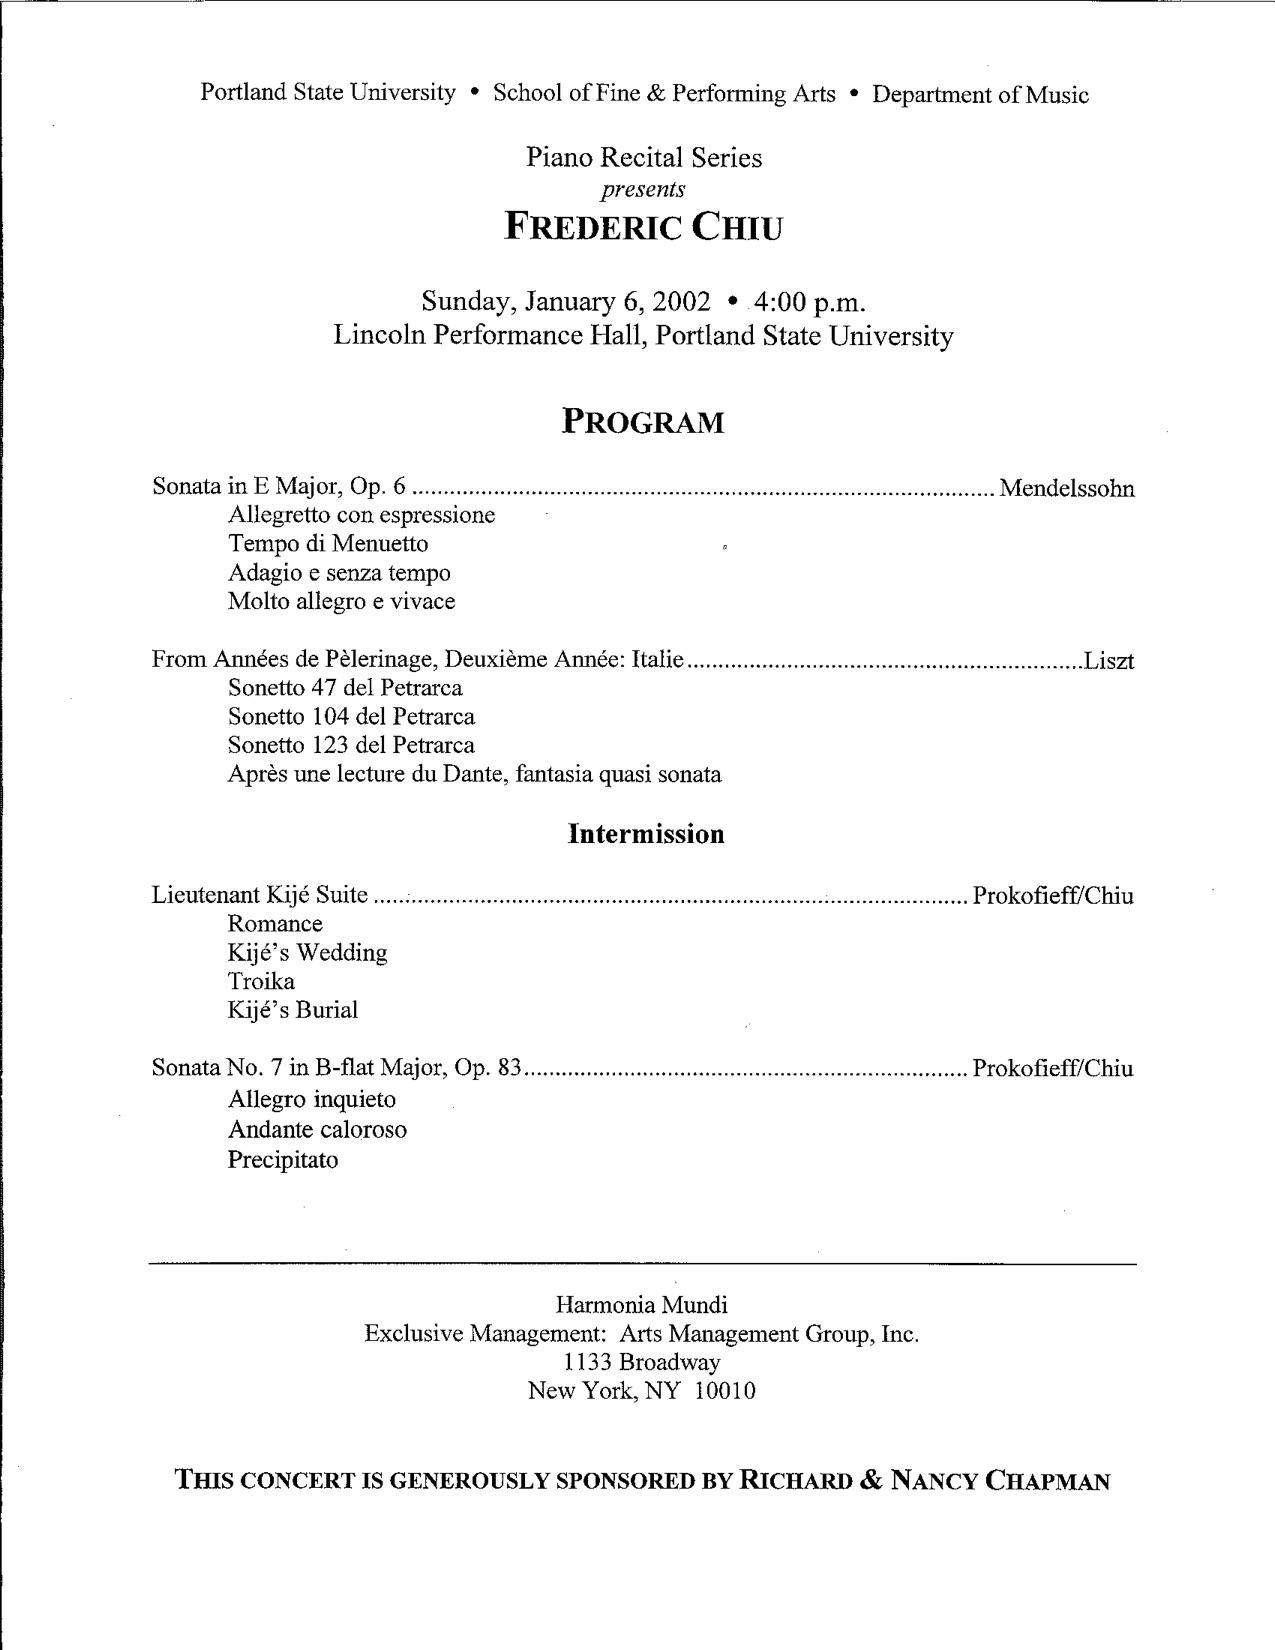 Chiu01-02_Program3.jpg